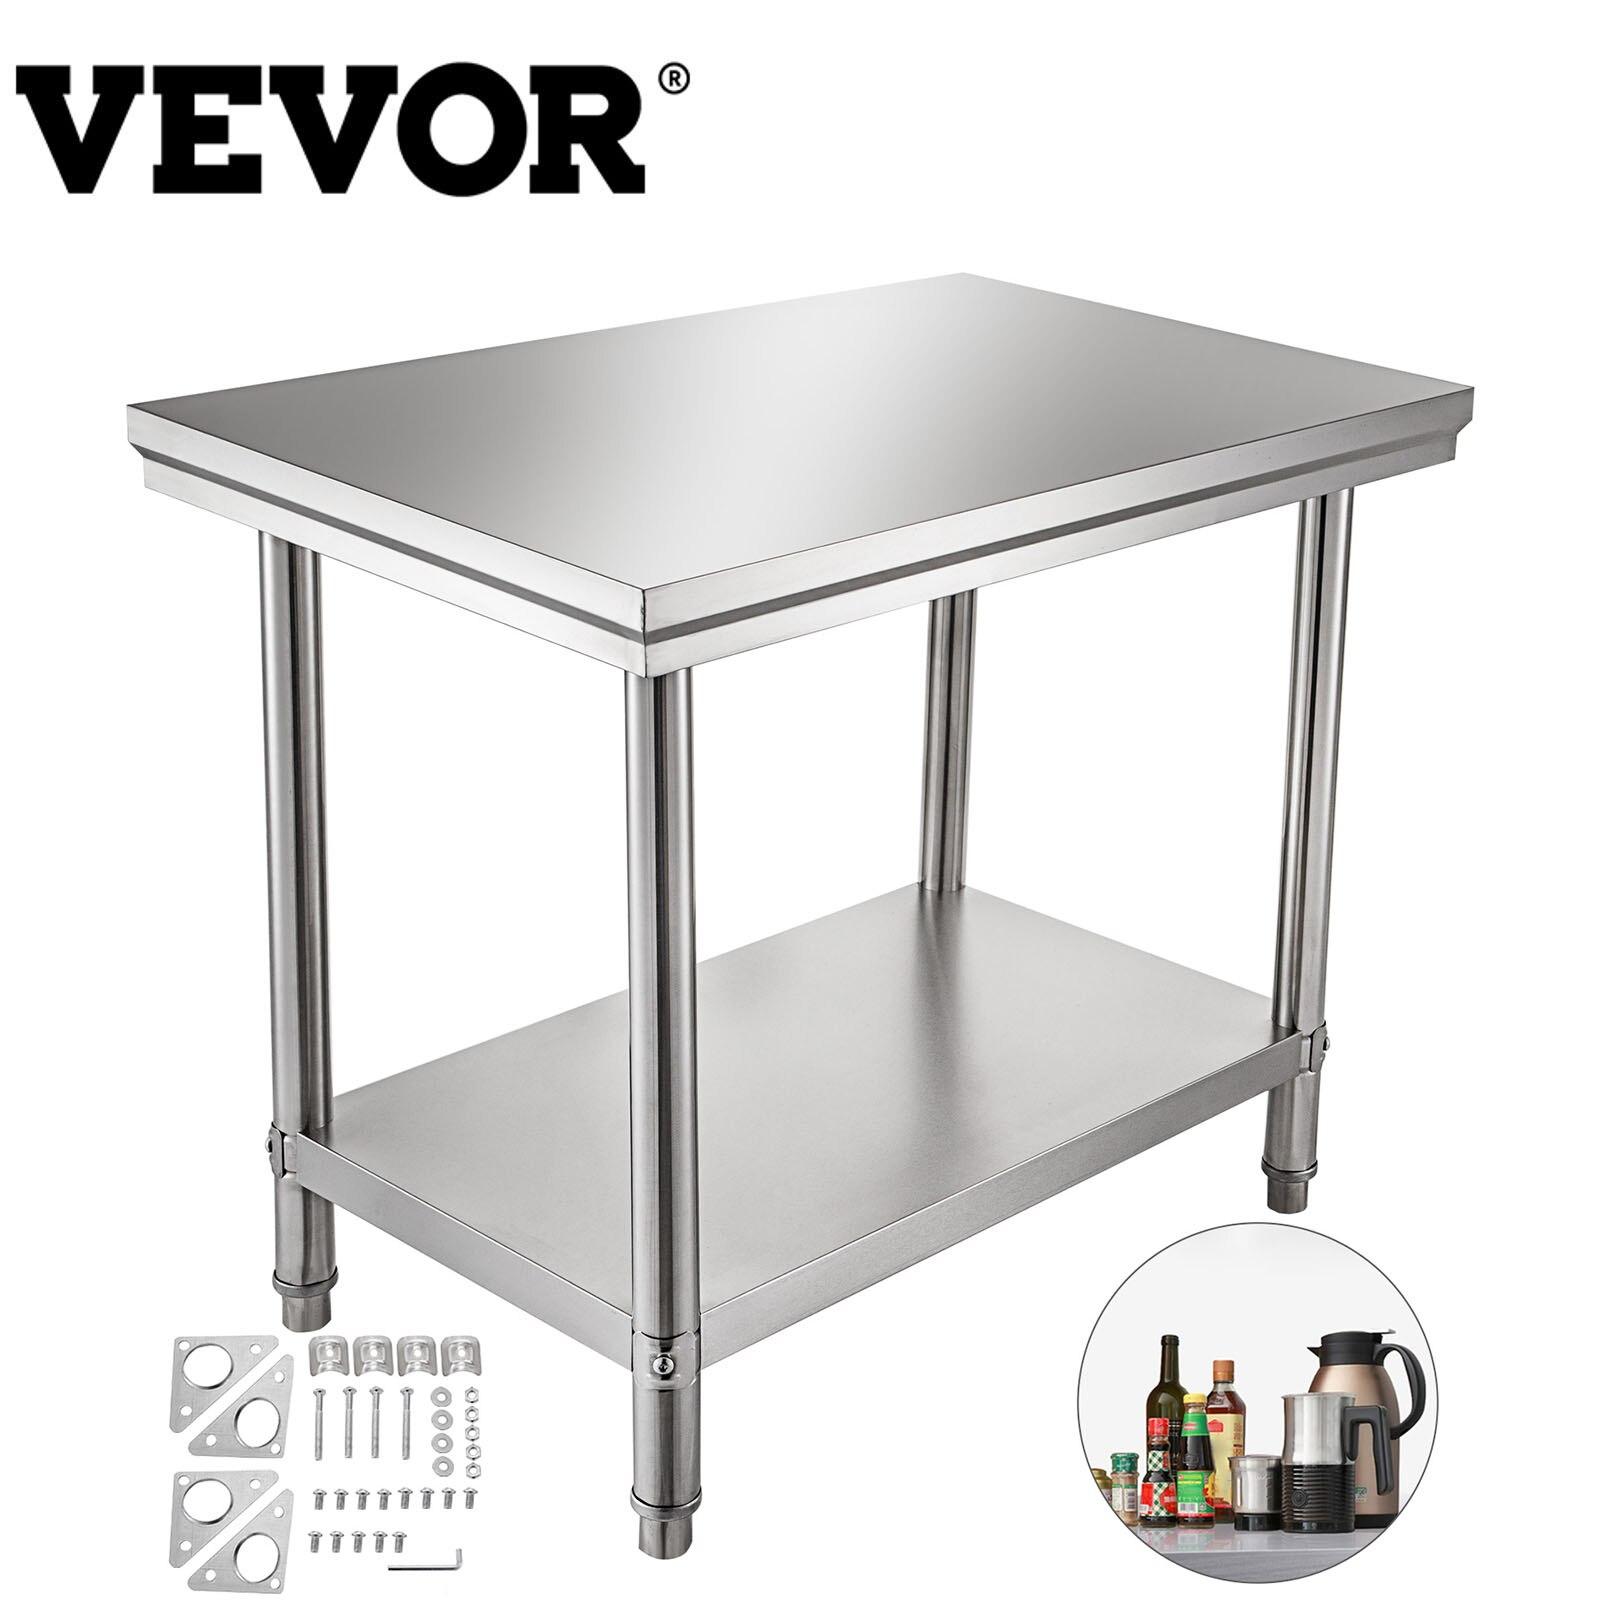 VEVOR مطبخ الإعدادية طاولة العمل المهنية الفولاذ المقاوم للصدأ الأحمال حتى 500LBS (أعلى) 220LBS (تحت) ث/قدم قابل للتعديل المنزل التجاري